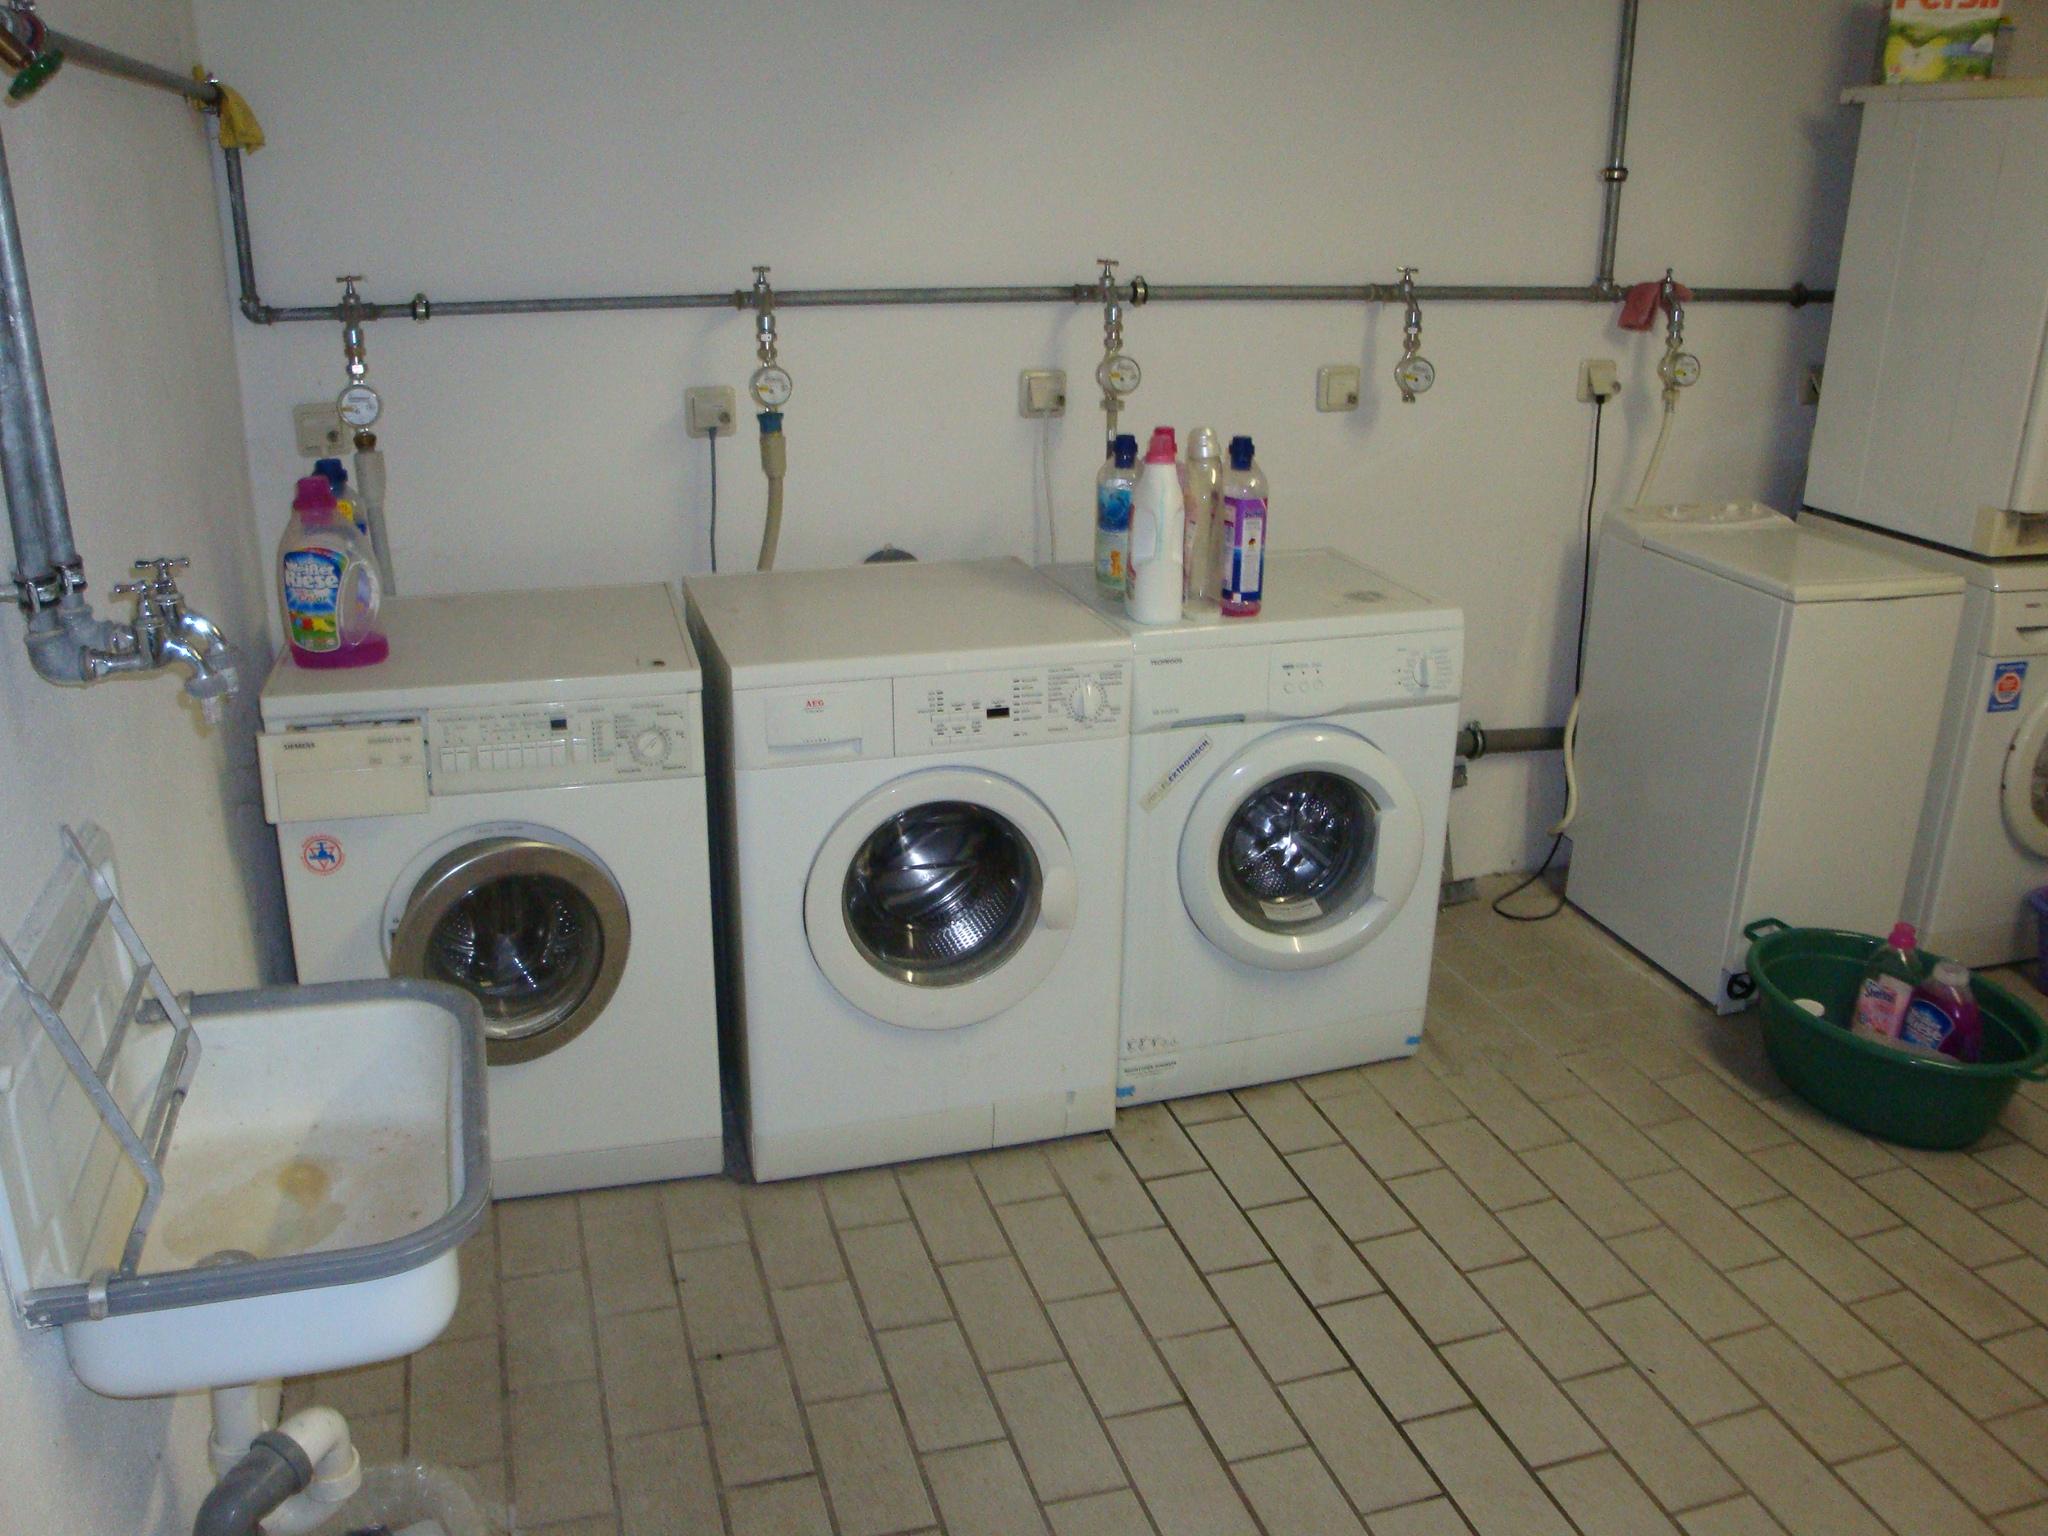 Waschraum mit eigenem Anschluss